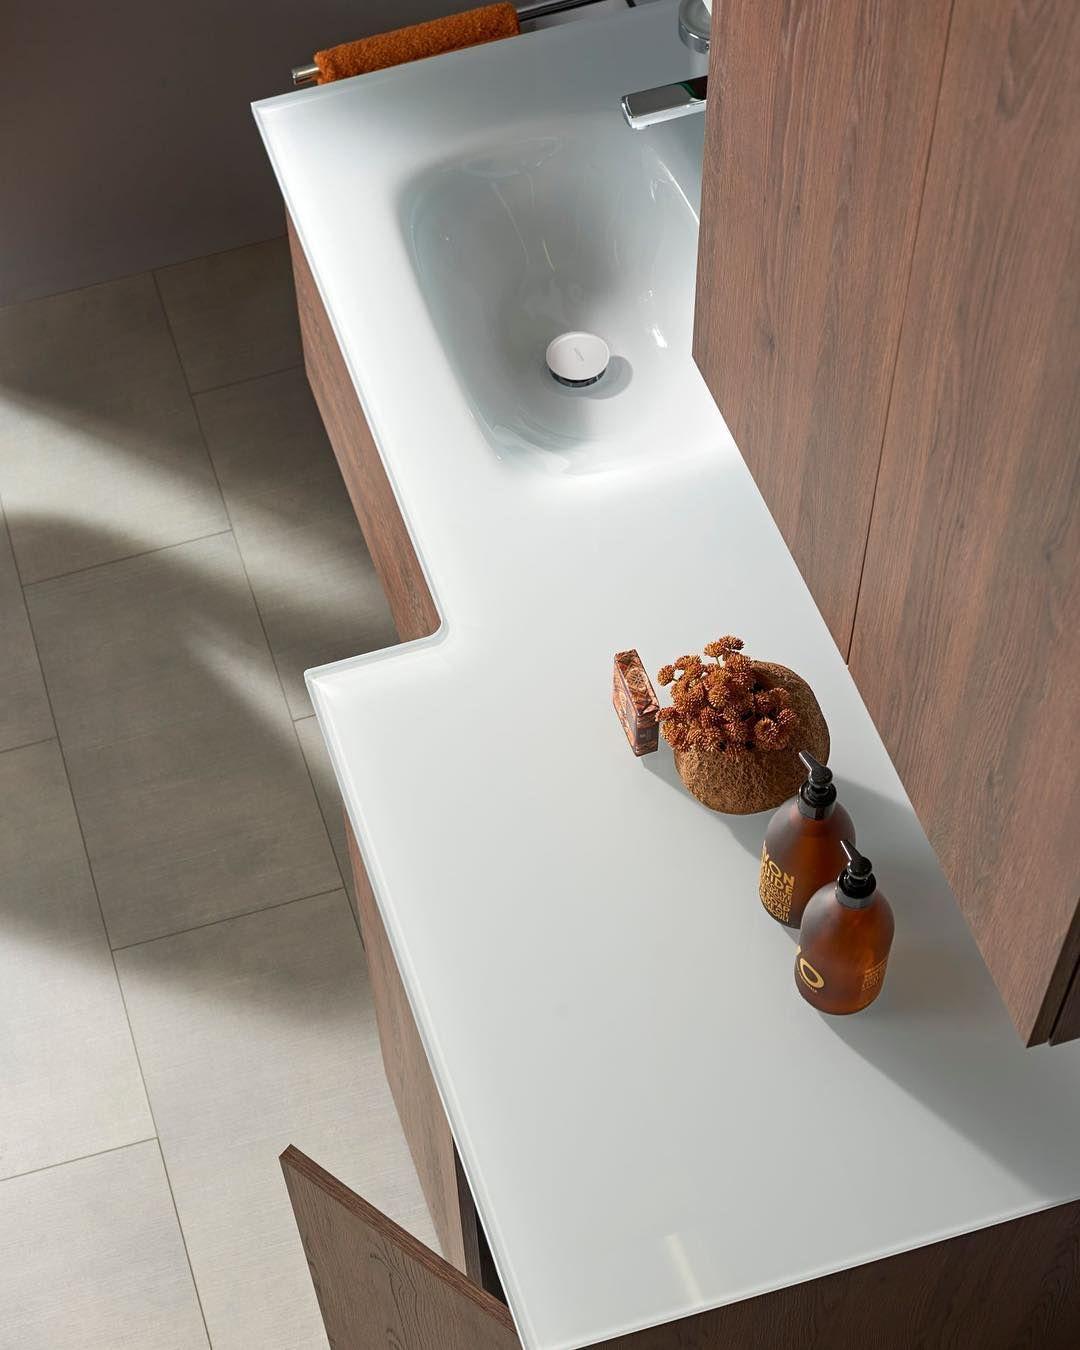 Glas Ermoglicht Besonders Lange Waschtischformen Im Bild Eine Grosszugige Abdeckplatte Mit Waschbecken Unter Der Sich Neben Viel Stauraum Auch Eine Waschmasc